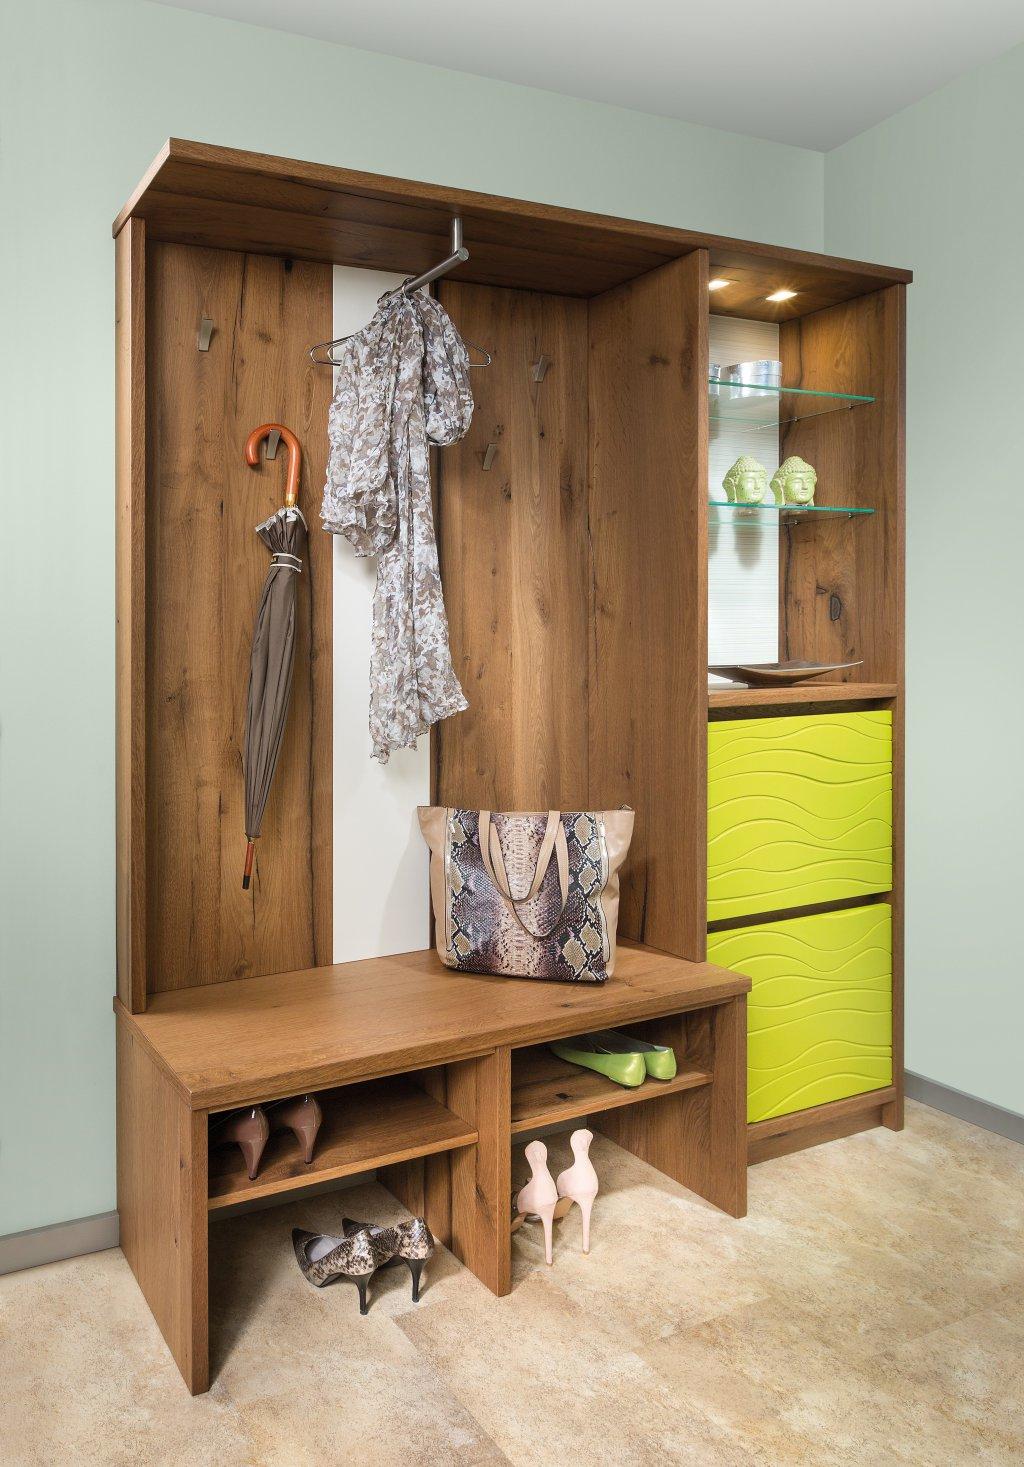 zeile p max ma m bel tischlerqualit t aus sterreich. Black Bedroom Furniture Sets. Home Design Ideas